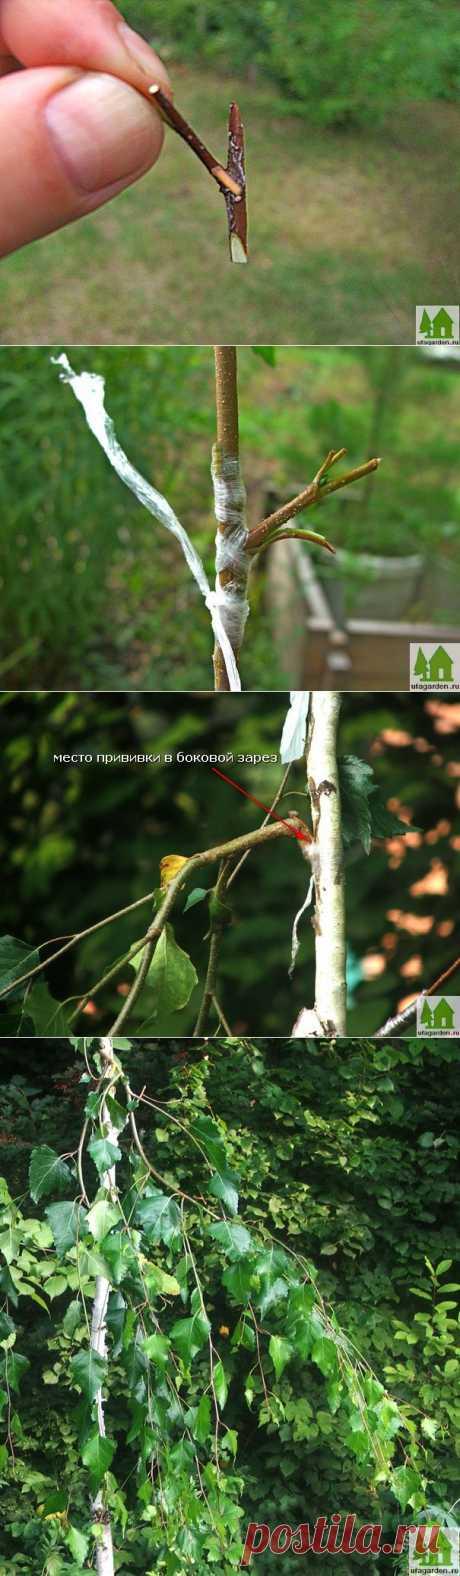 Как привить березу | Дачная жизнь - сад, огород, дача